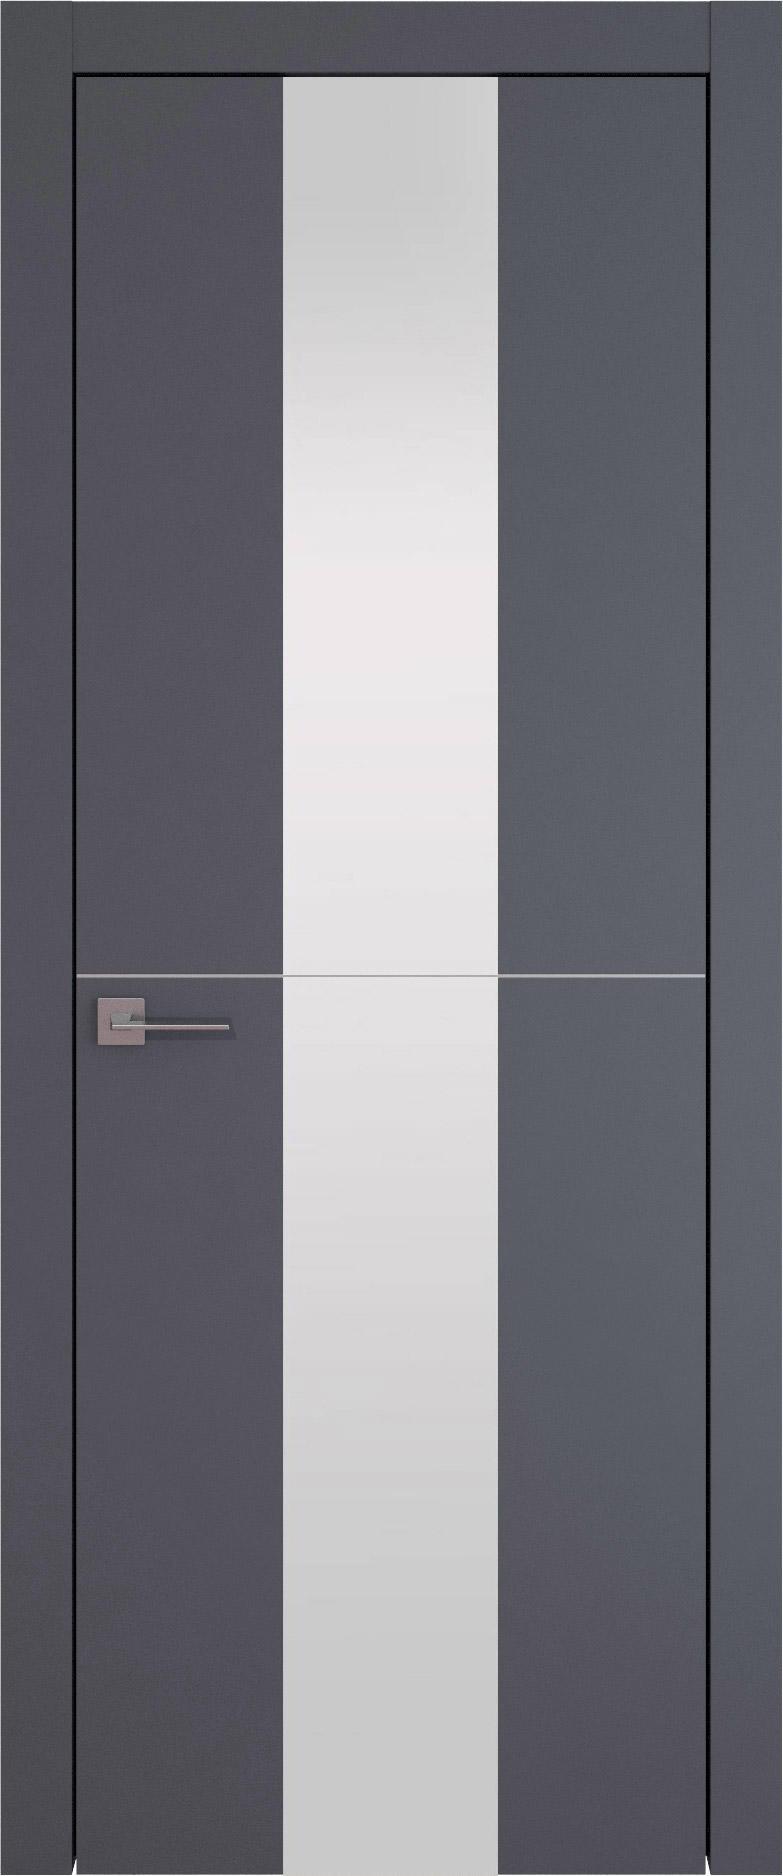 Tivoli Ж-3 цвет - Графитово-серая эмаль (RAL 7024) Со стеклом (ДО)